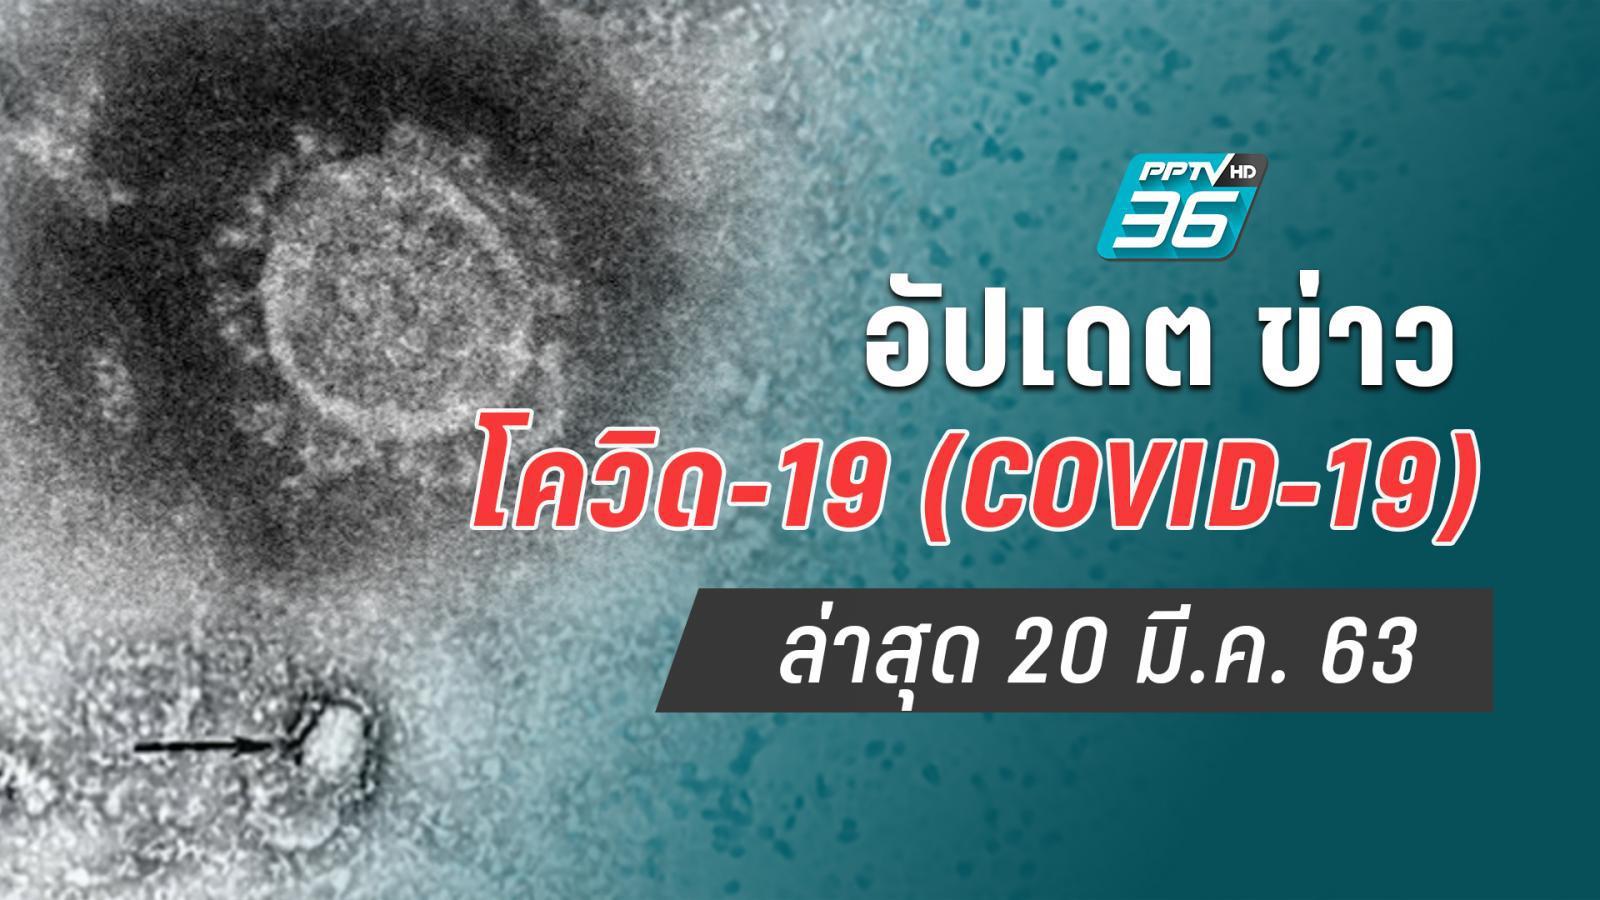 อัปเดตข่าวโควิด-19 (COVID-19) ล่าสุด 20 มี.ค. 63